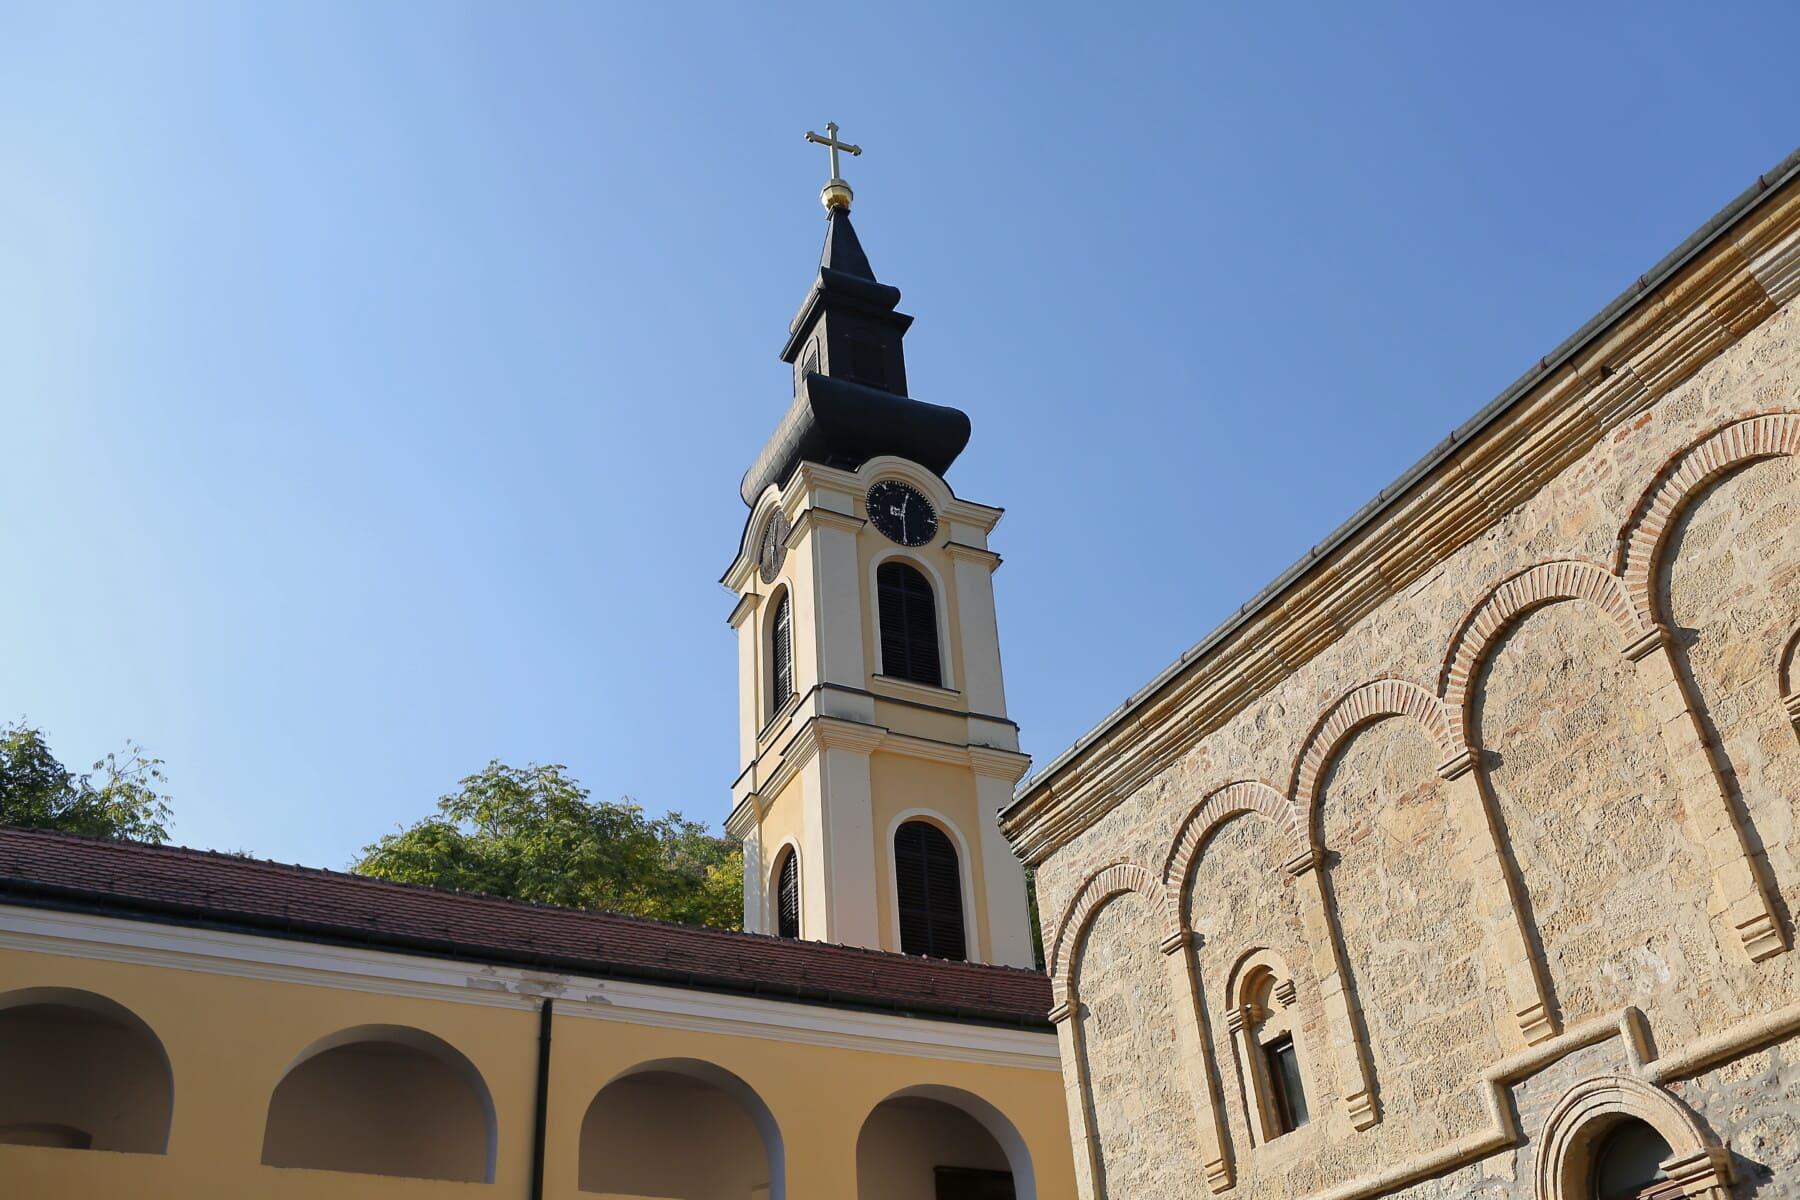 Kirchturm, Kloster, Steinmauer, Wand, Hinterhof, orthodoxe, architektonischen Stil, Residenz, Gebäude, Religion